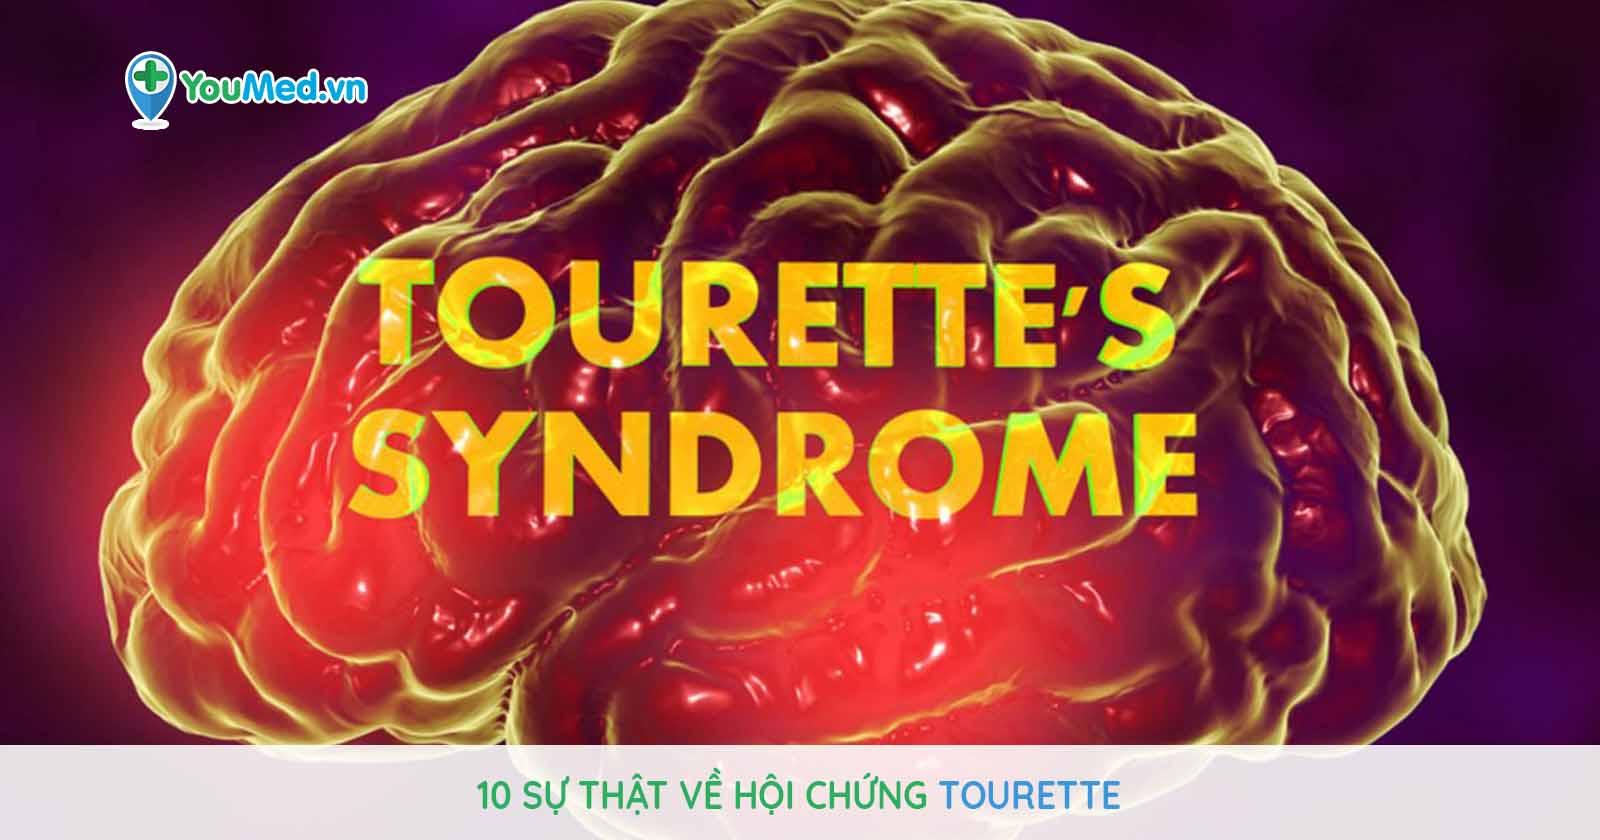 10 sự thật về hội chứng Tourette bạn không thể bỏ qua